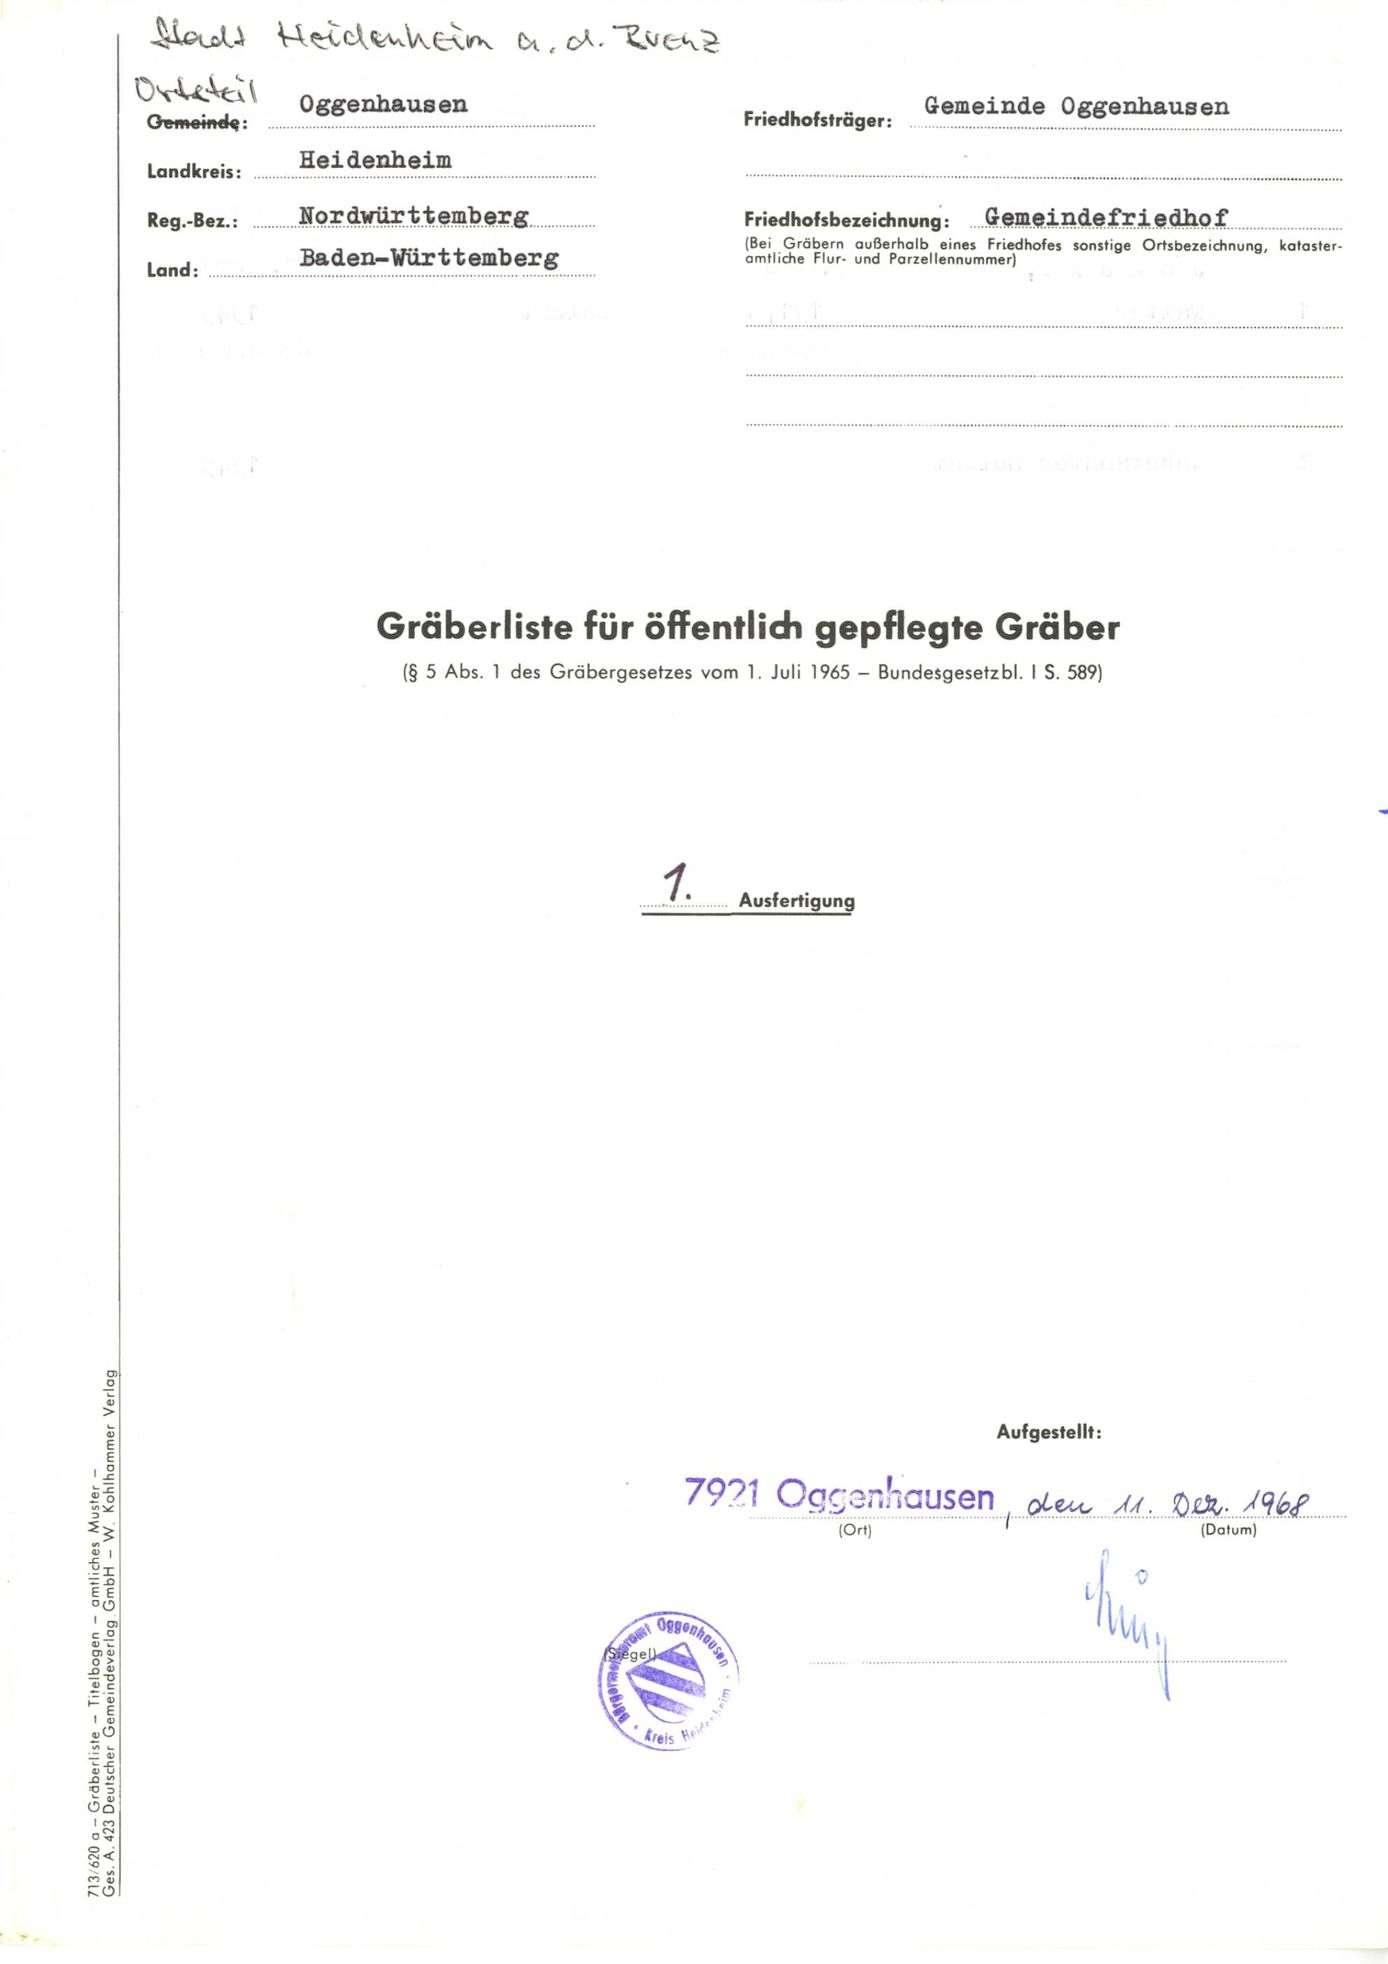 Oggenhausen, Bild 1